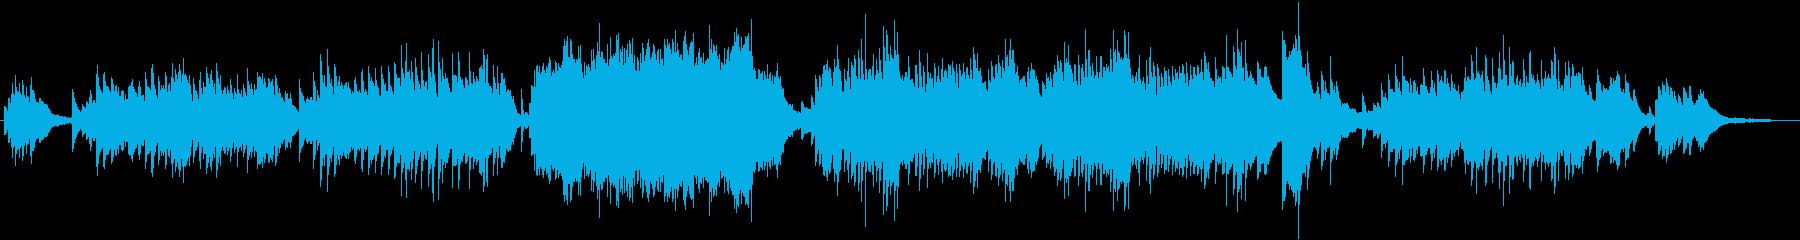 凛としてドラマチックなピアノ曲の再生済みの波形